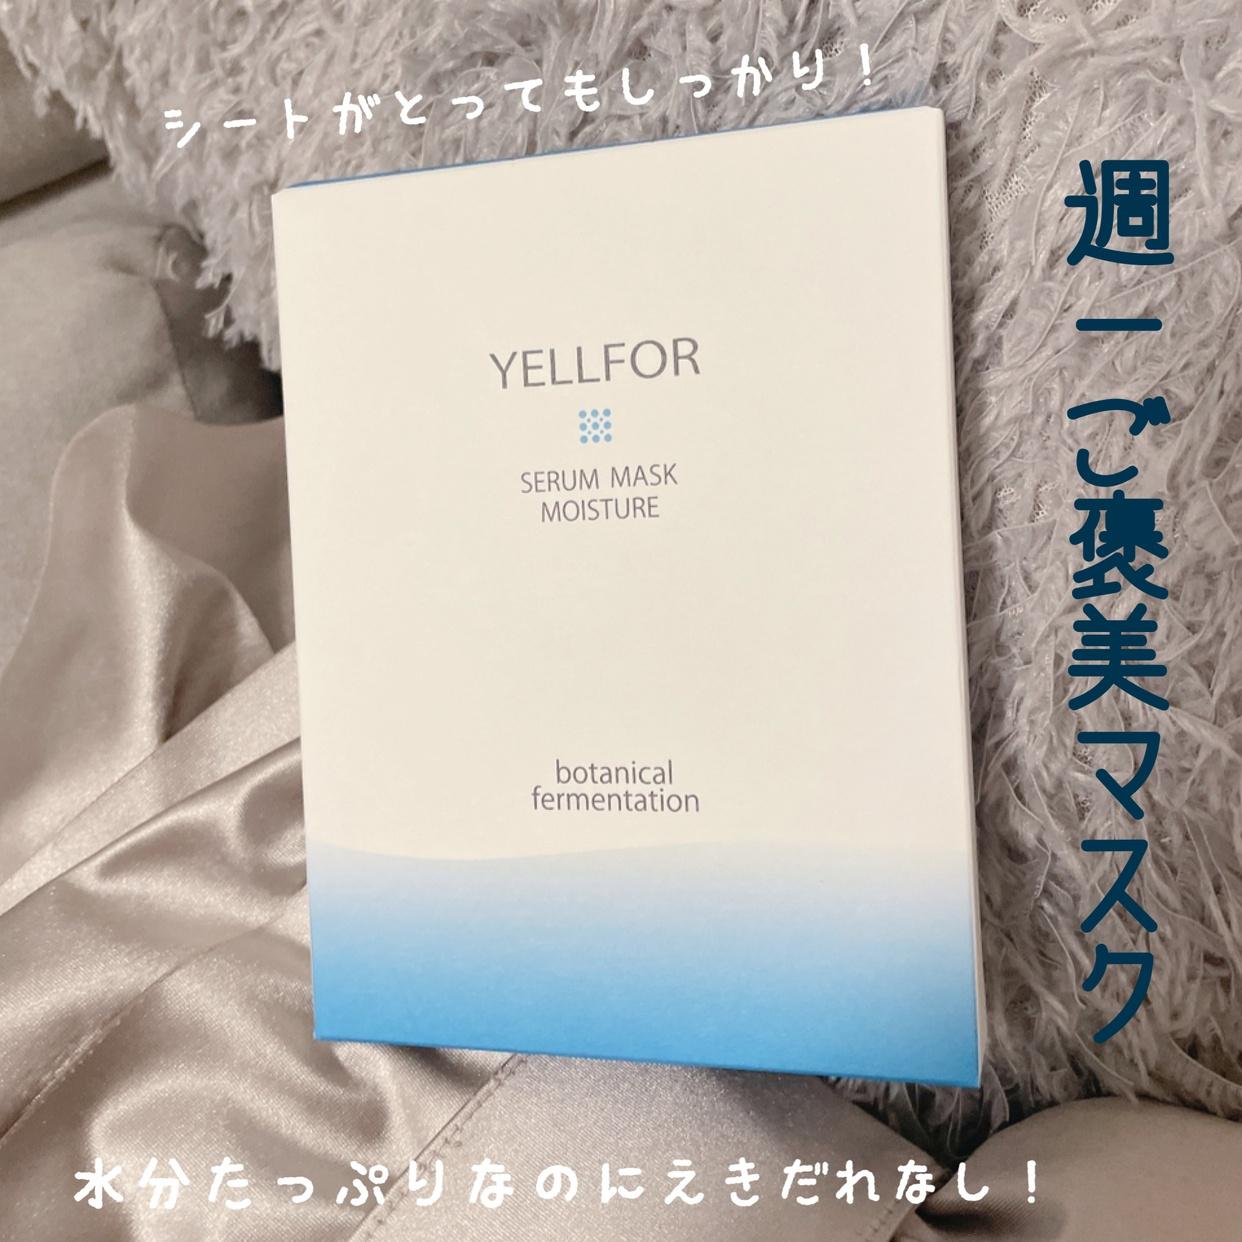 YELLFOR(エールフォー) セラムマスク モイスチャーを使った宇佐美さんのクチコミ画像1